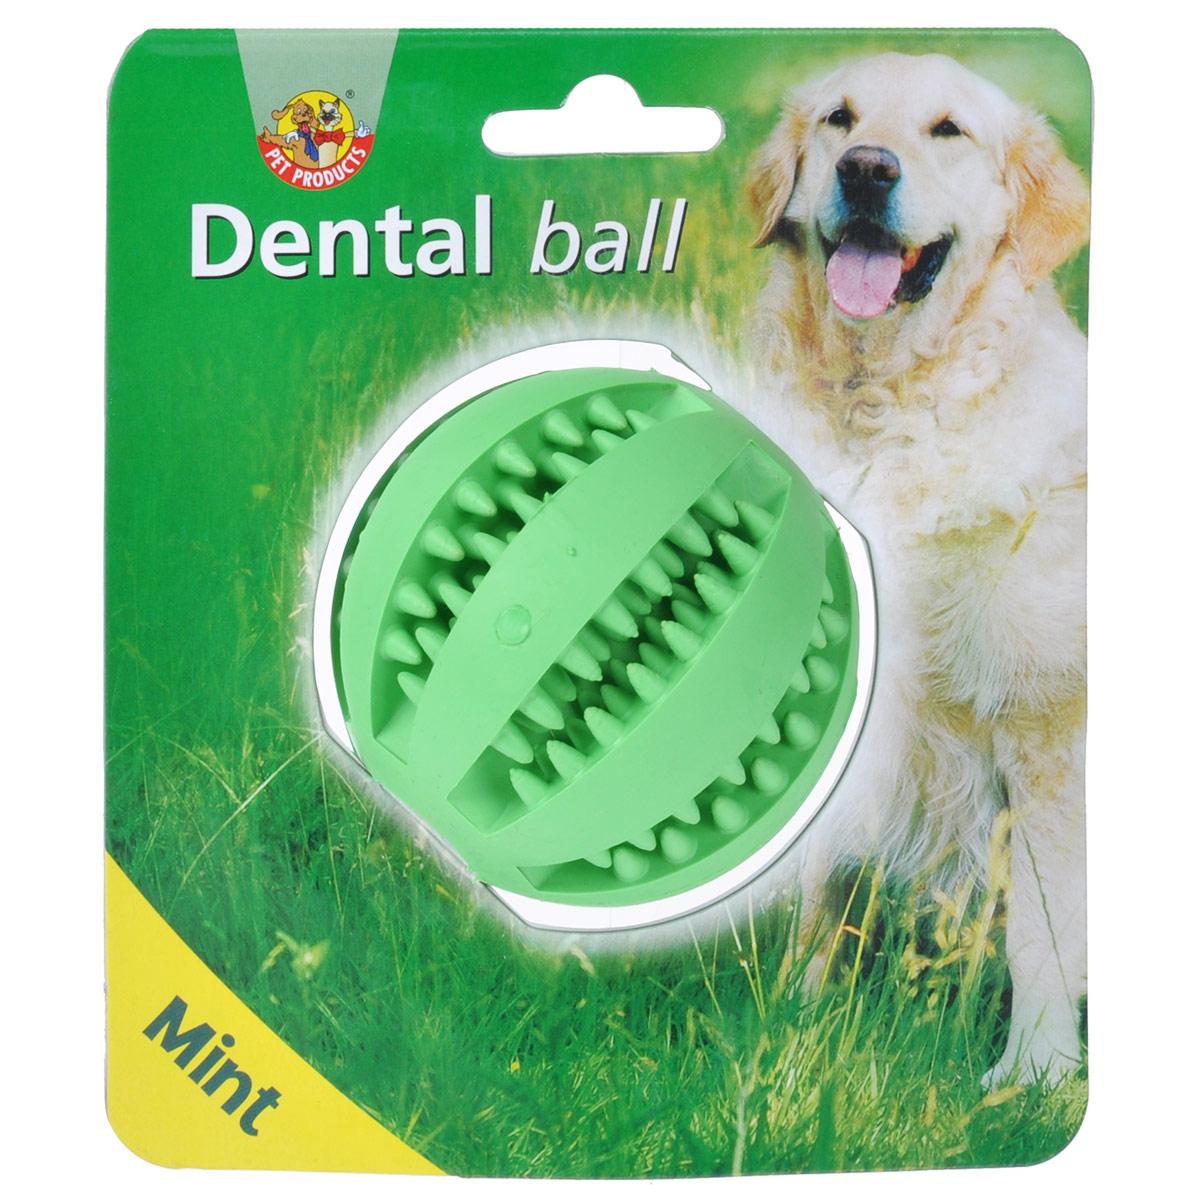 Игрушка для собак I.P.T.S. Мяч массажный, для ухода за зубами, с запахом мяты, диаметр 7 см16211/625596_зеленыйИгрушка для собак I.P.T.S. Мяч массажный изготовлена из прочной цветной резины с мятным запахом в виде мяча. Игрушка оснащена специальными шипами, предназначенными для ухода за зубами. Предотвращает образование зубного камня. Предназначена для игр с собаками любого возраста. Такая игрушка привлечет внимание вашего любимца и не оставит его равнодушным. Диаметр: 7 см.